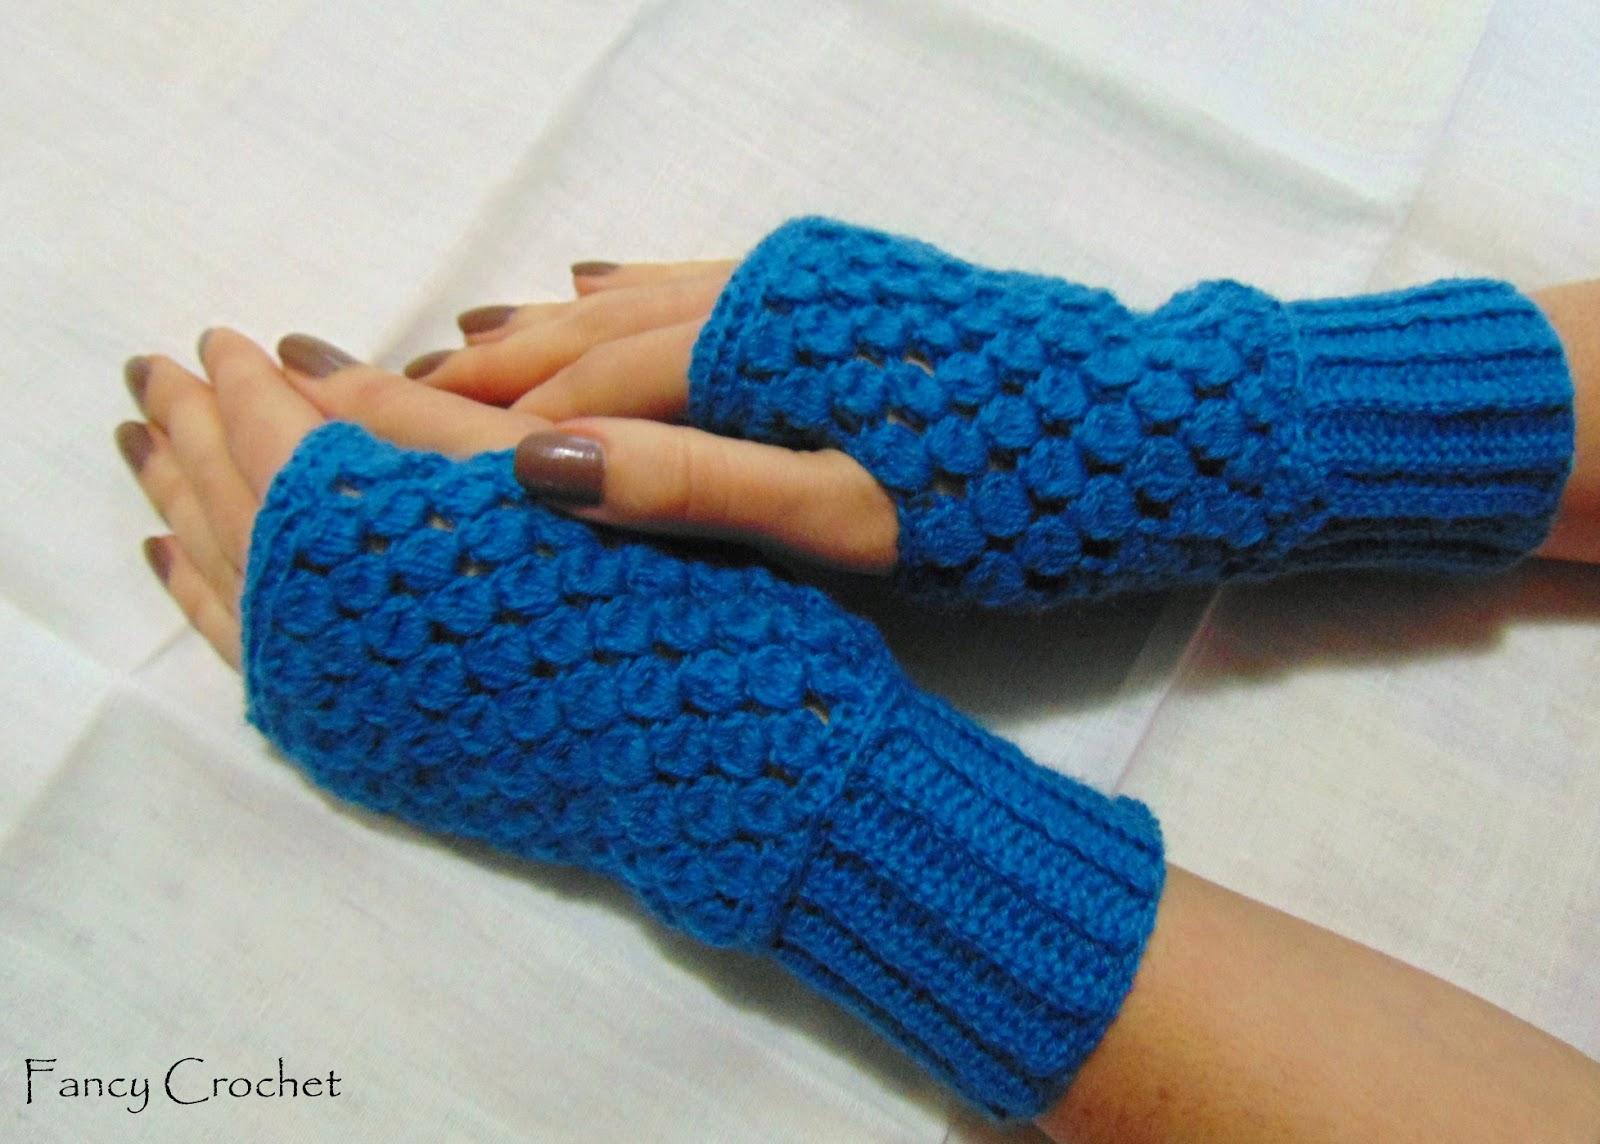 Fancy crochet mezzi guanti color ottanio for Color ottanio